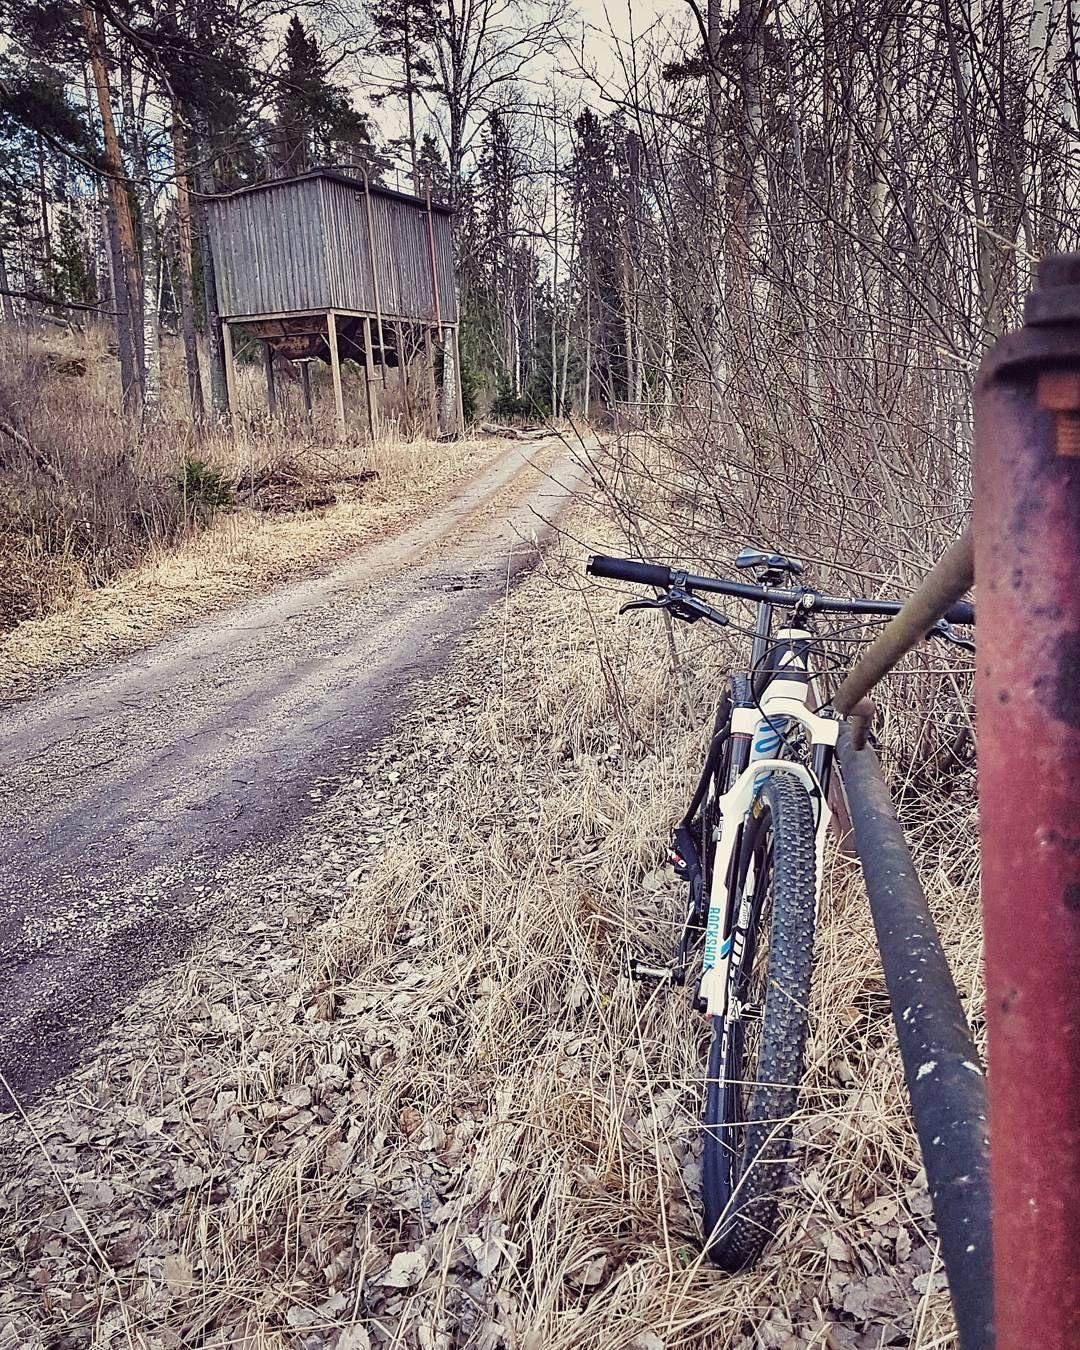 Spring is my love. . . .  .  . #helsinki #espoo #vantaa #järvenpää #kerava #turku #lahti #tampere #jyväskylä #kokkola #oulu #rovaniemi #kuusamo #kemi #joensuu #imatra #salo #kotka #rauma #porvoo #sipoo #kirkkonummi #inkoo #lohja #suomi #finland #kuusamo #kuopio #mikkeli #tuusula #lappeenranta